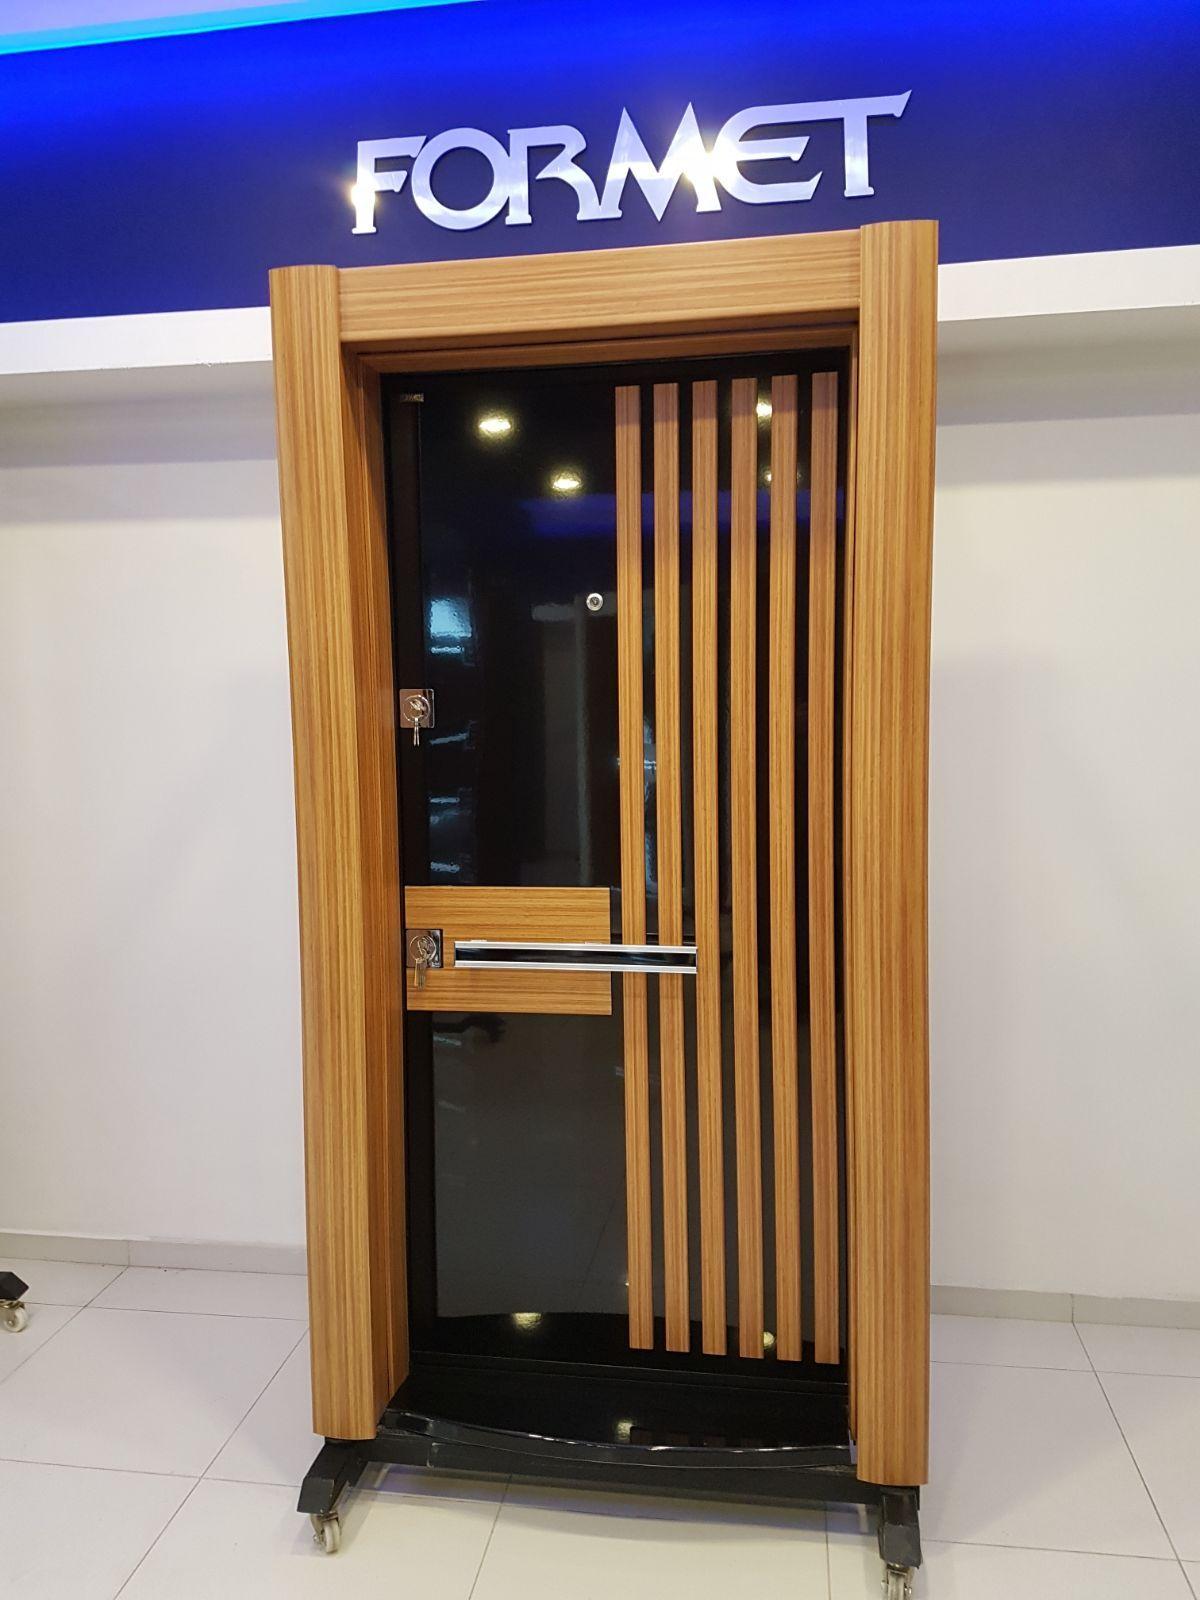 FORMET ELK KAPI VAN BLGE BAYS 0544 202 70 41 In 2019 Main Door Design Modern Front Door